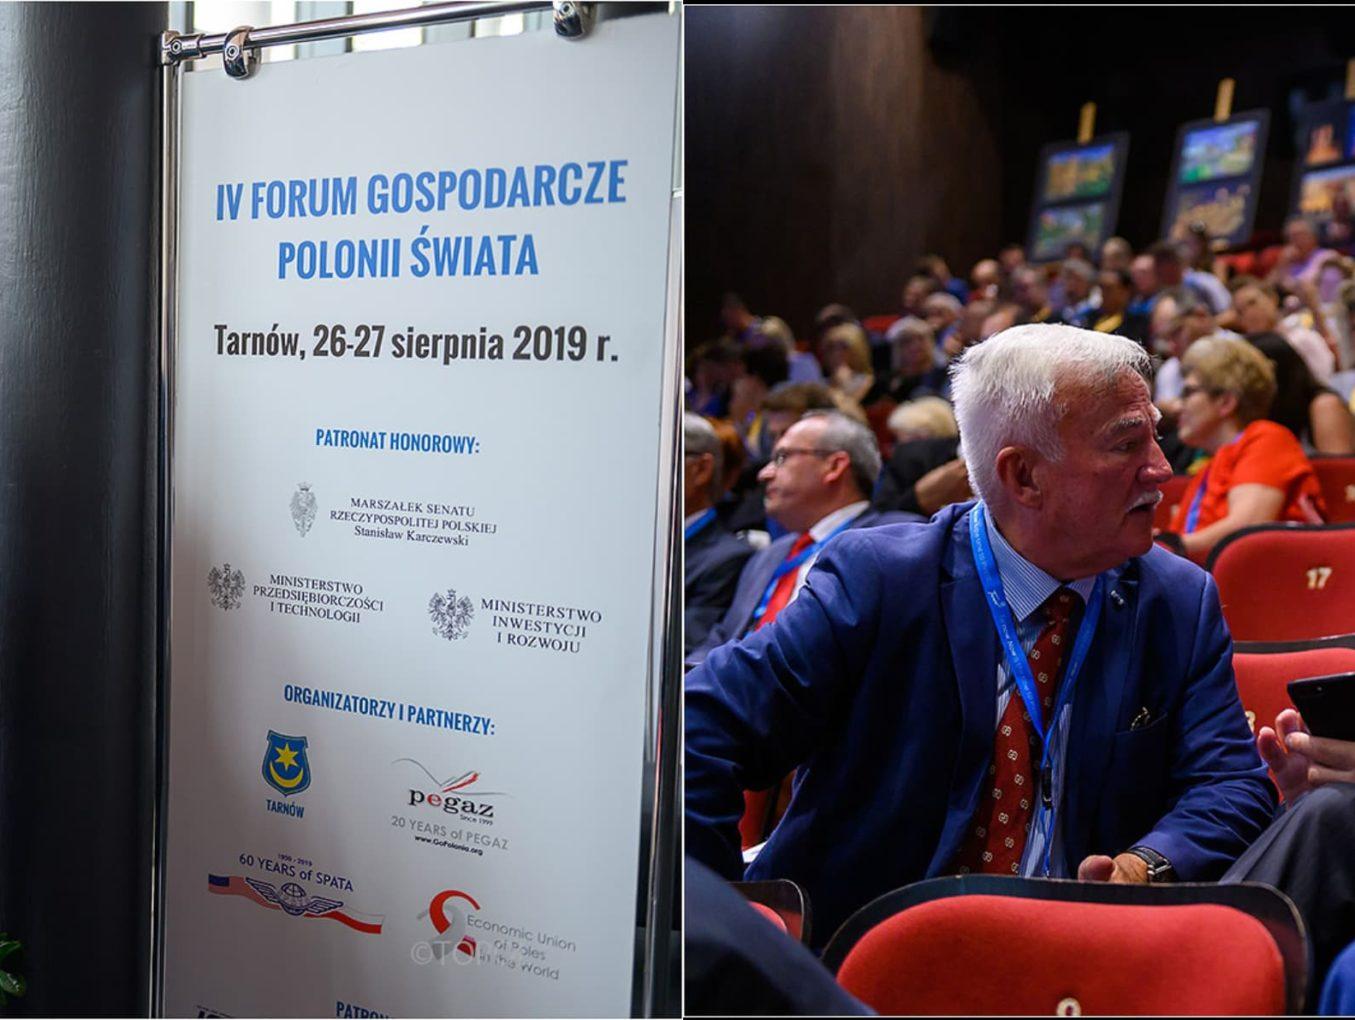 Ważne patronaty, partnerzy i goście na Forum